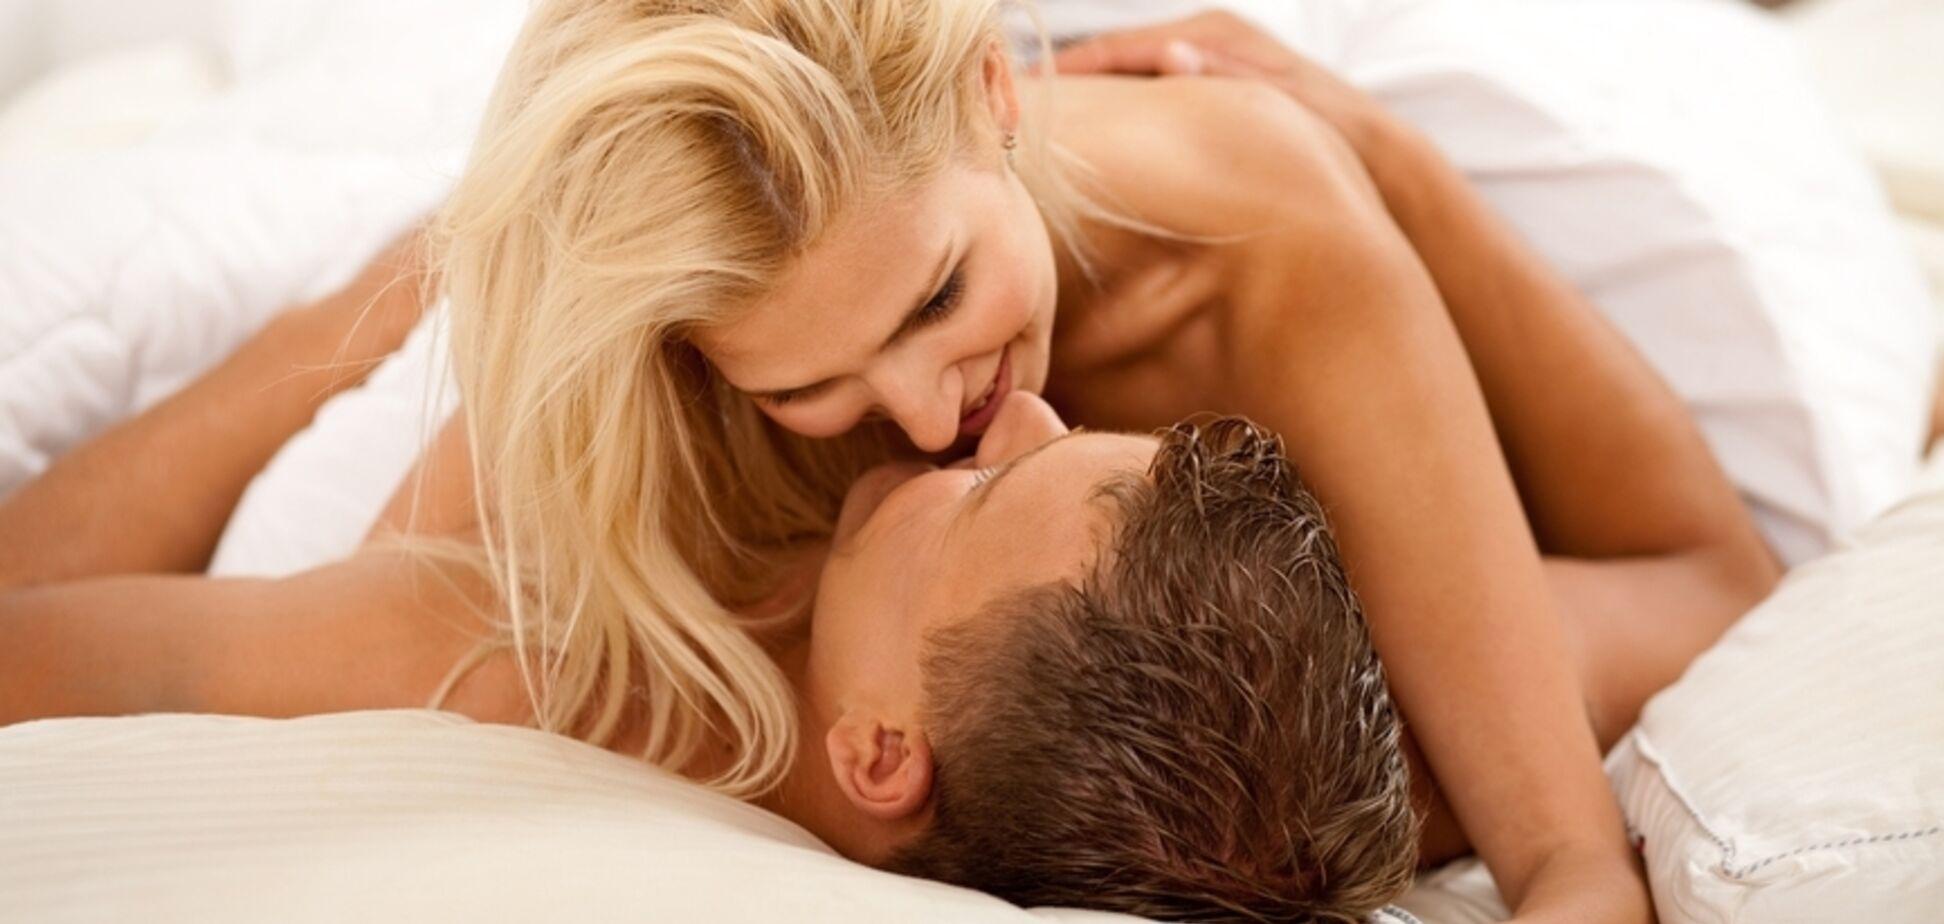 Секс способствует похудению?